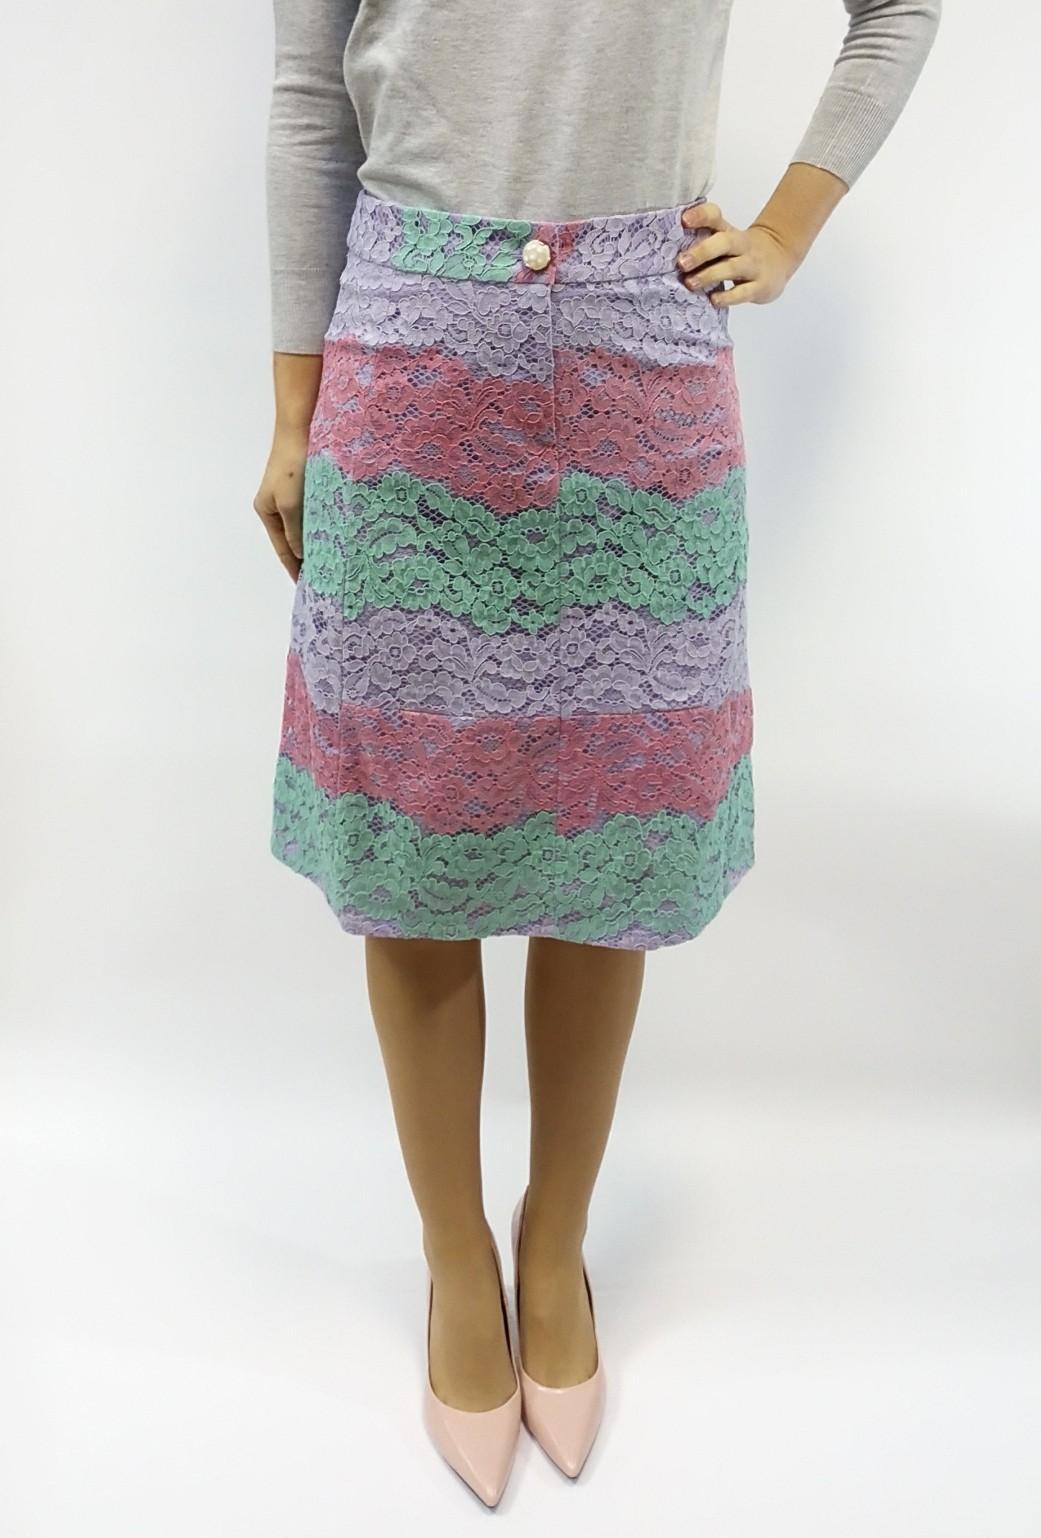 Farebná sukňa - Obrázok č. 4